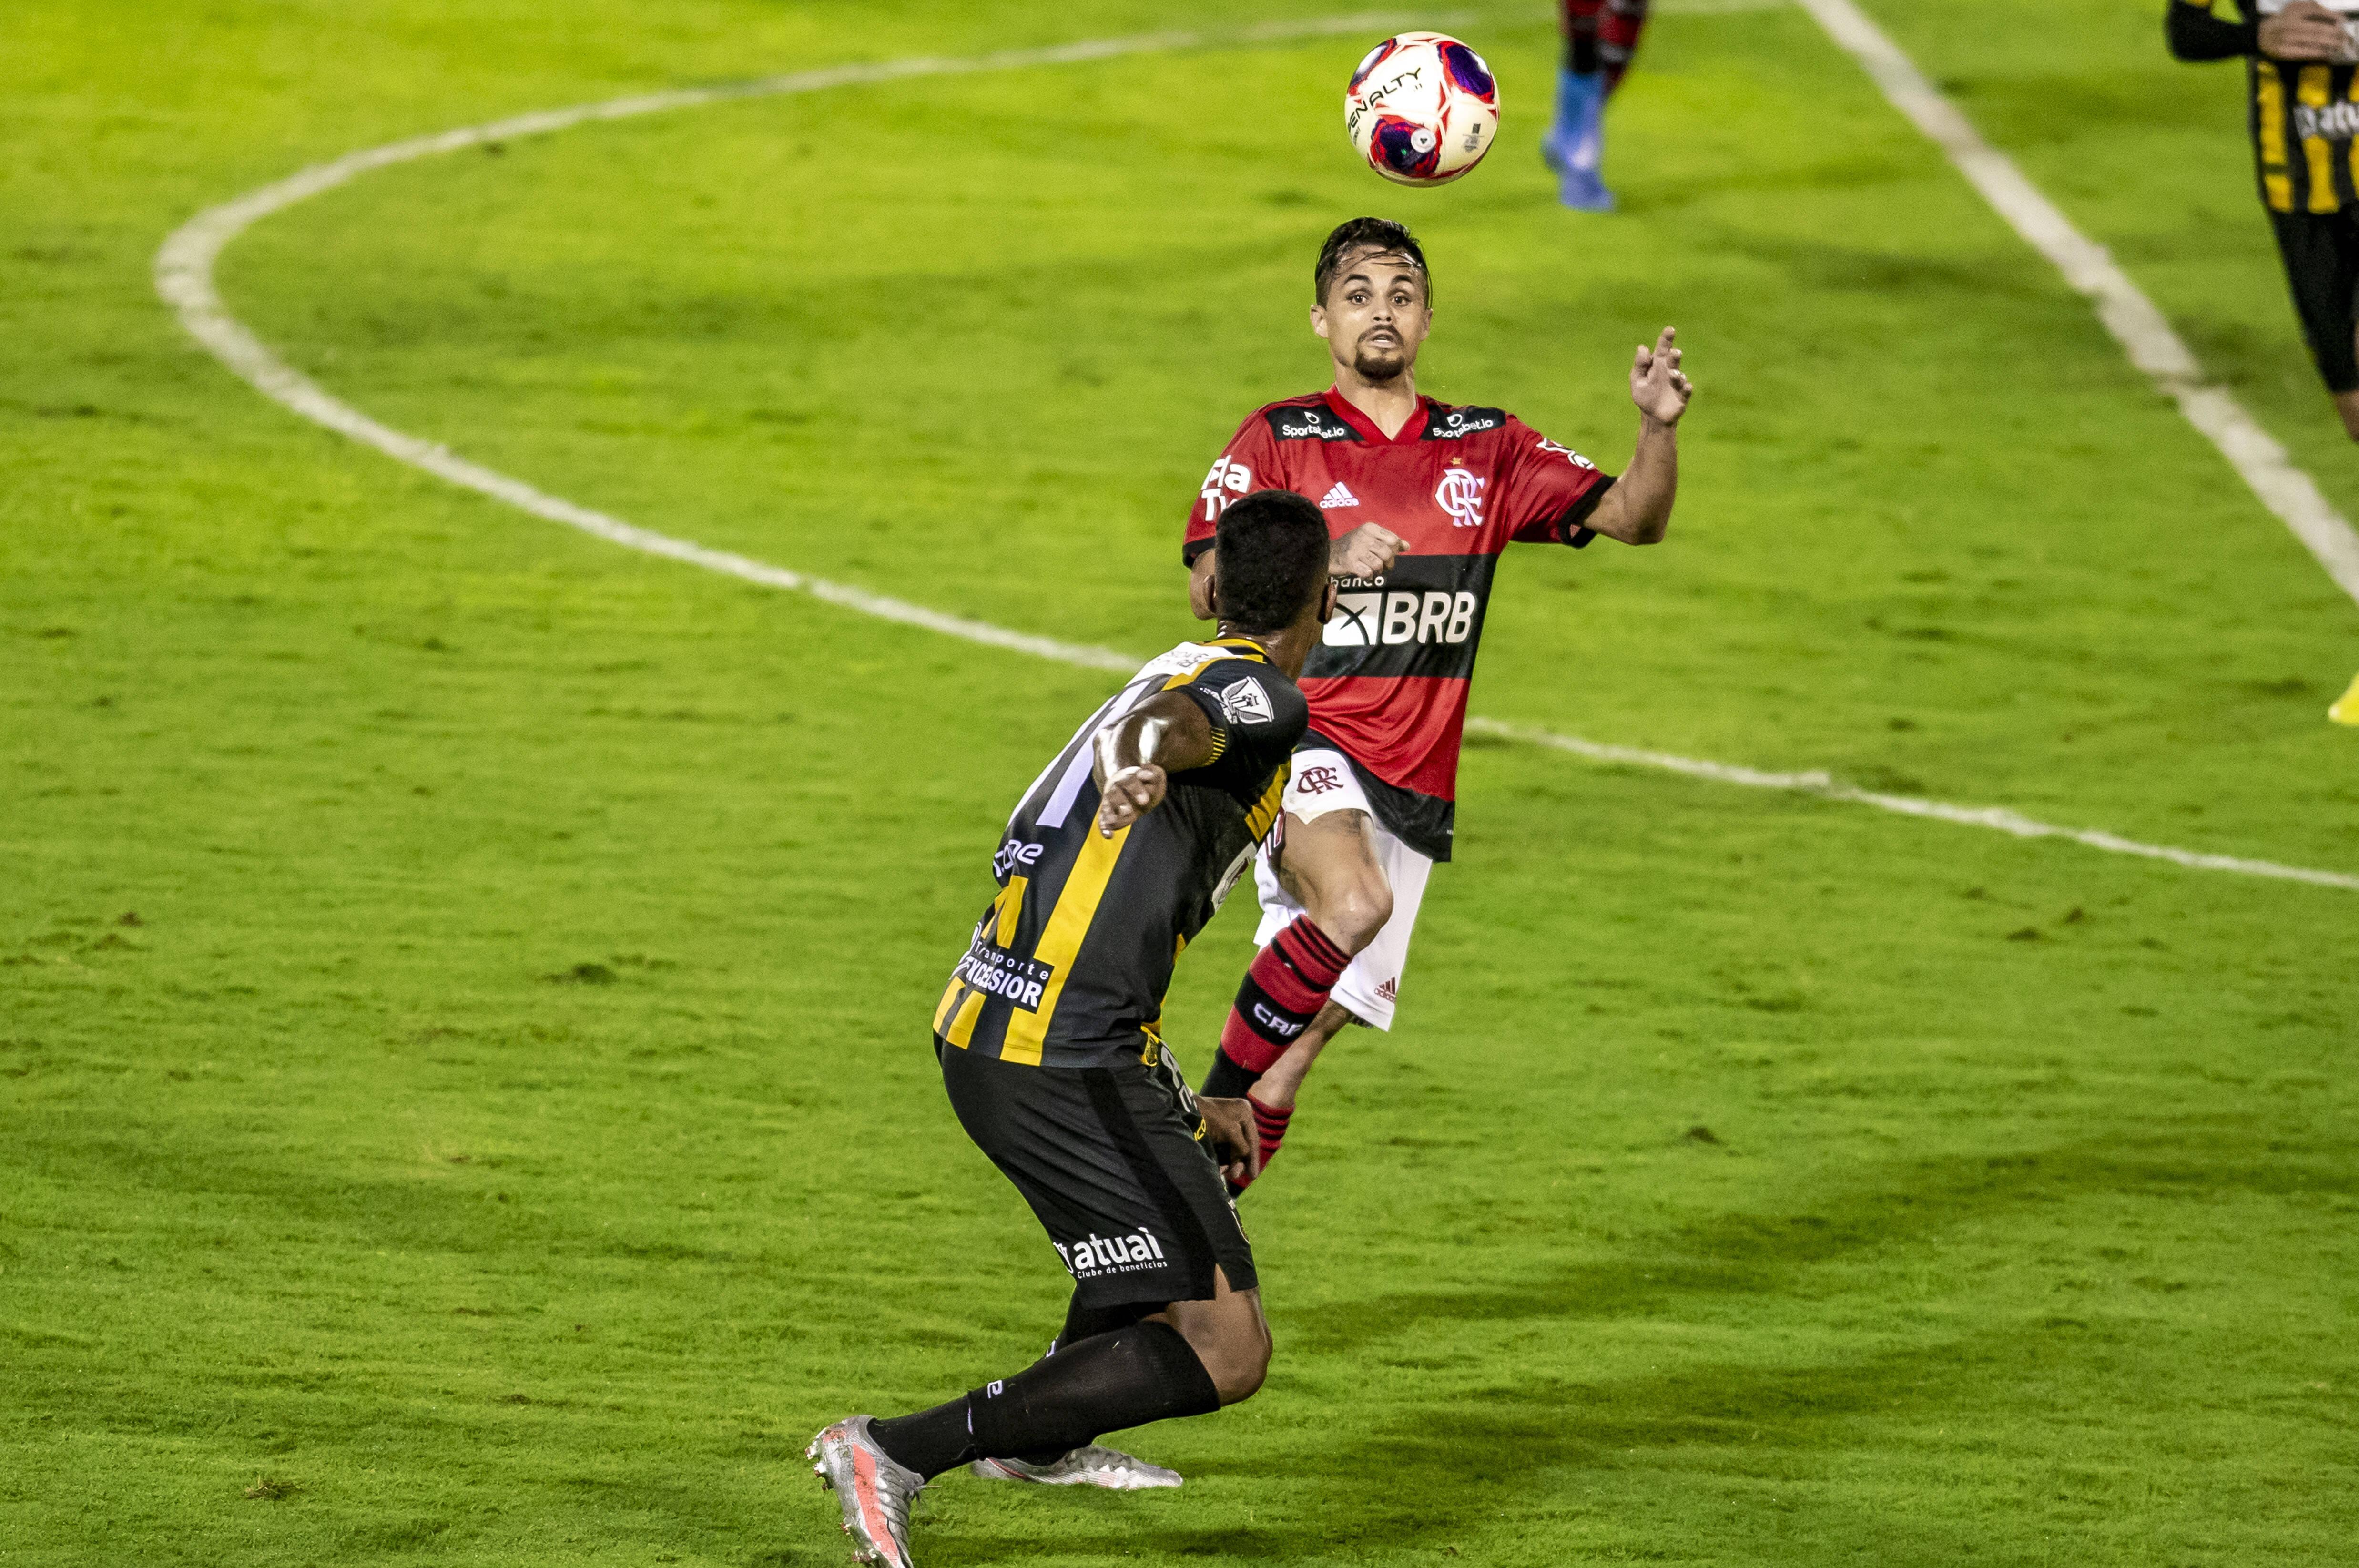 Foto: Flamengo e Volta Redonda